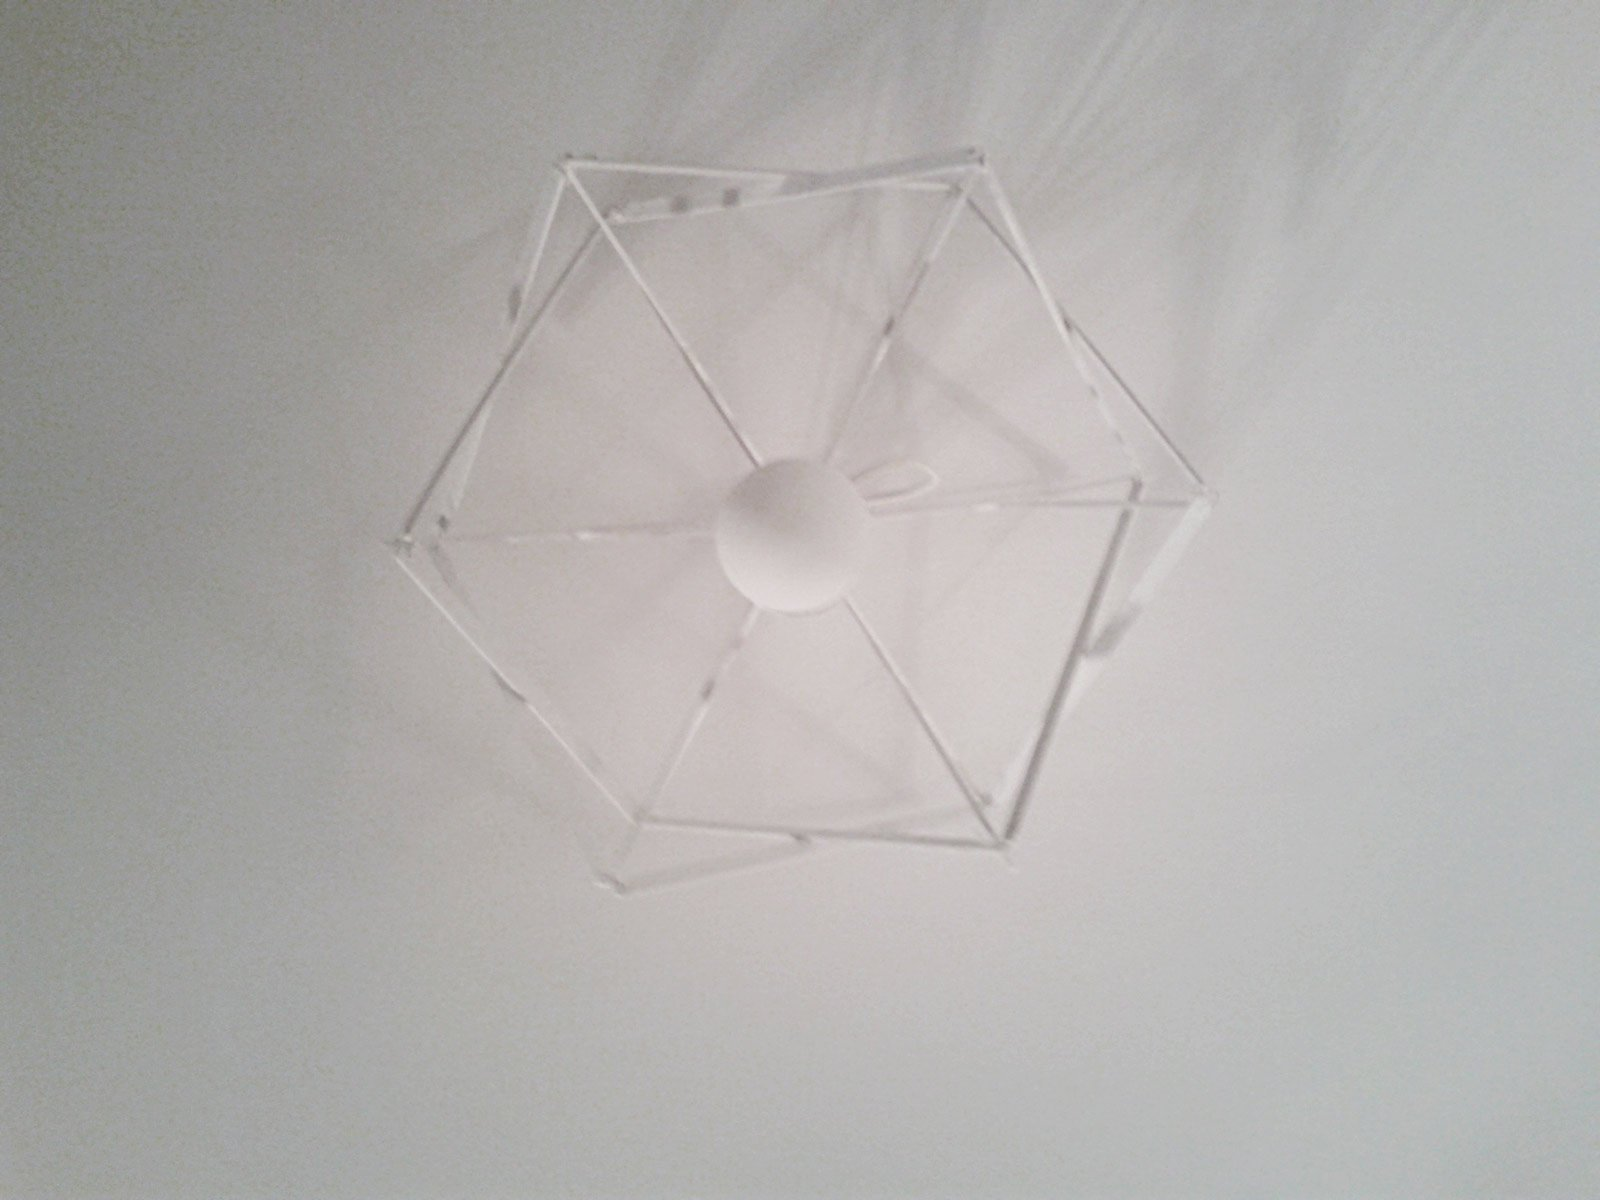 Lampade cucina fai da te: carta riciclata per il lampadario.